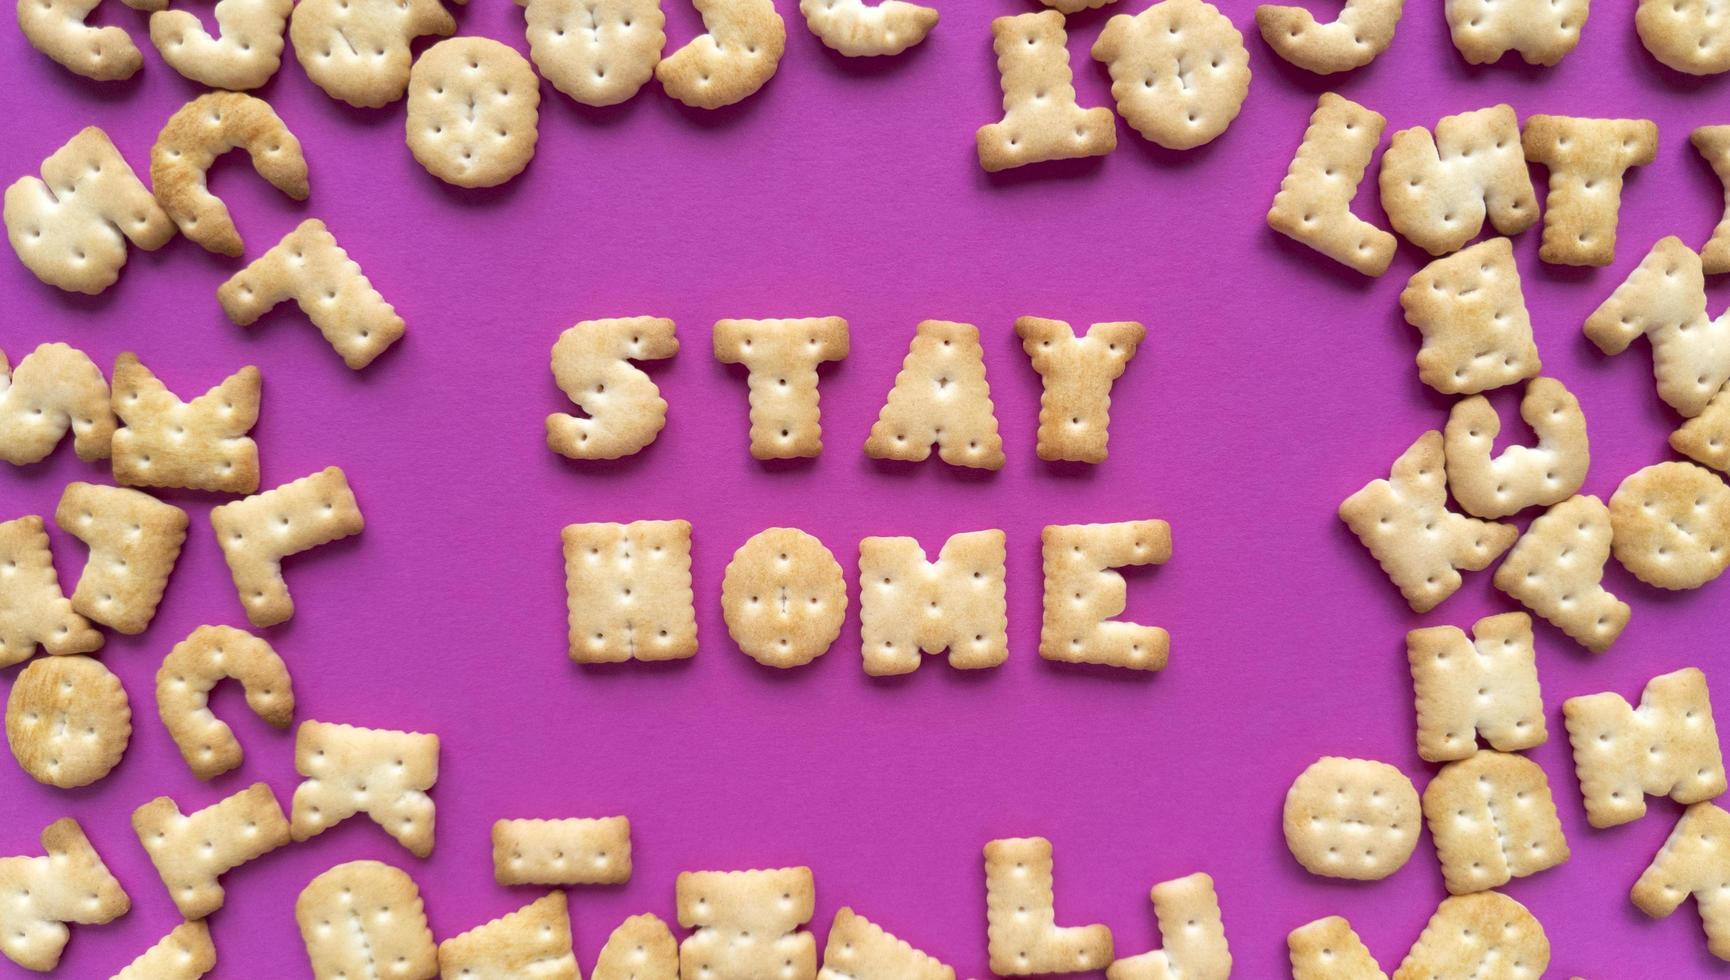 stanna hemma. karantän citat från kex på rosa bakgrund och spridda bokstäver. enkel platt låg med pastellstruktur. stock photography. foto